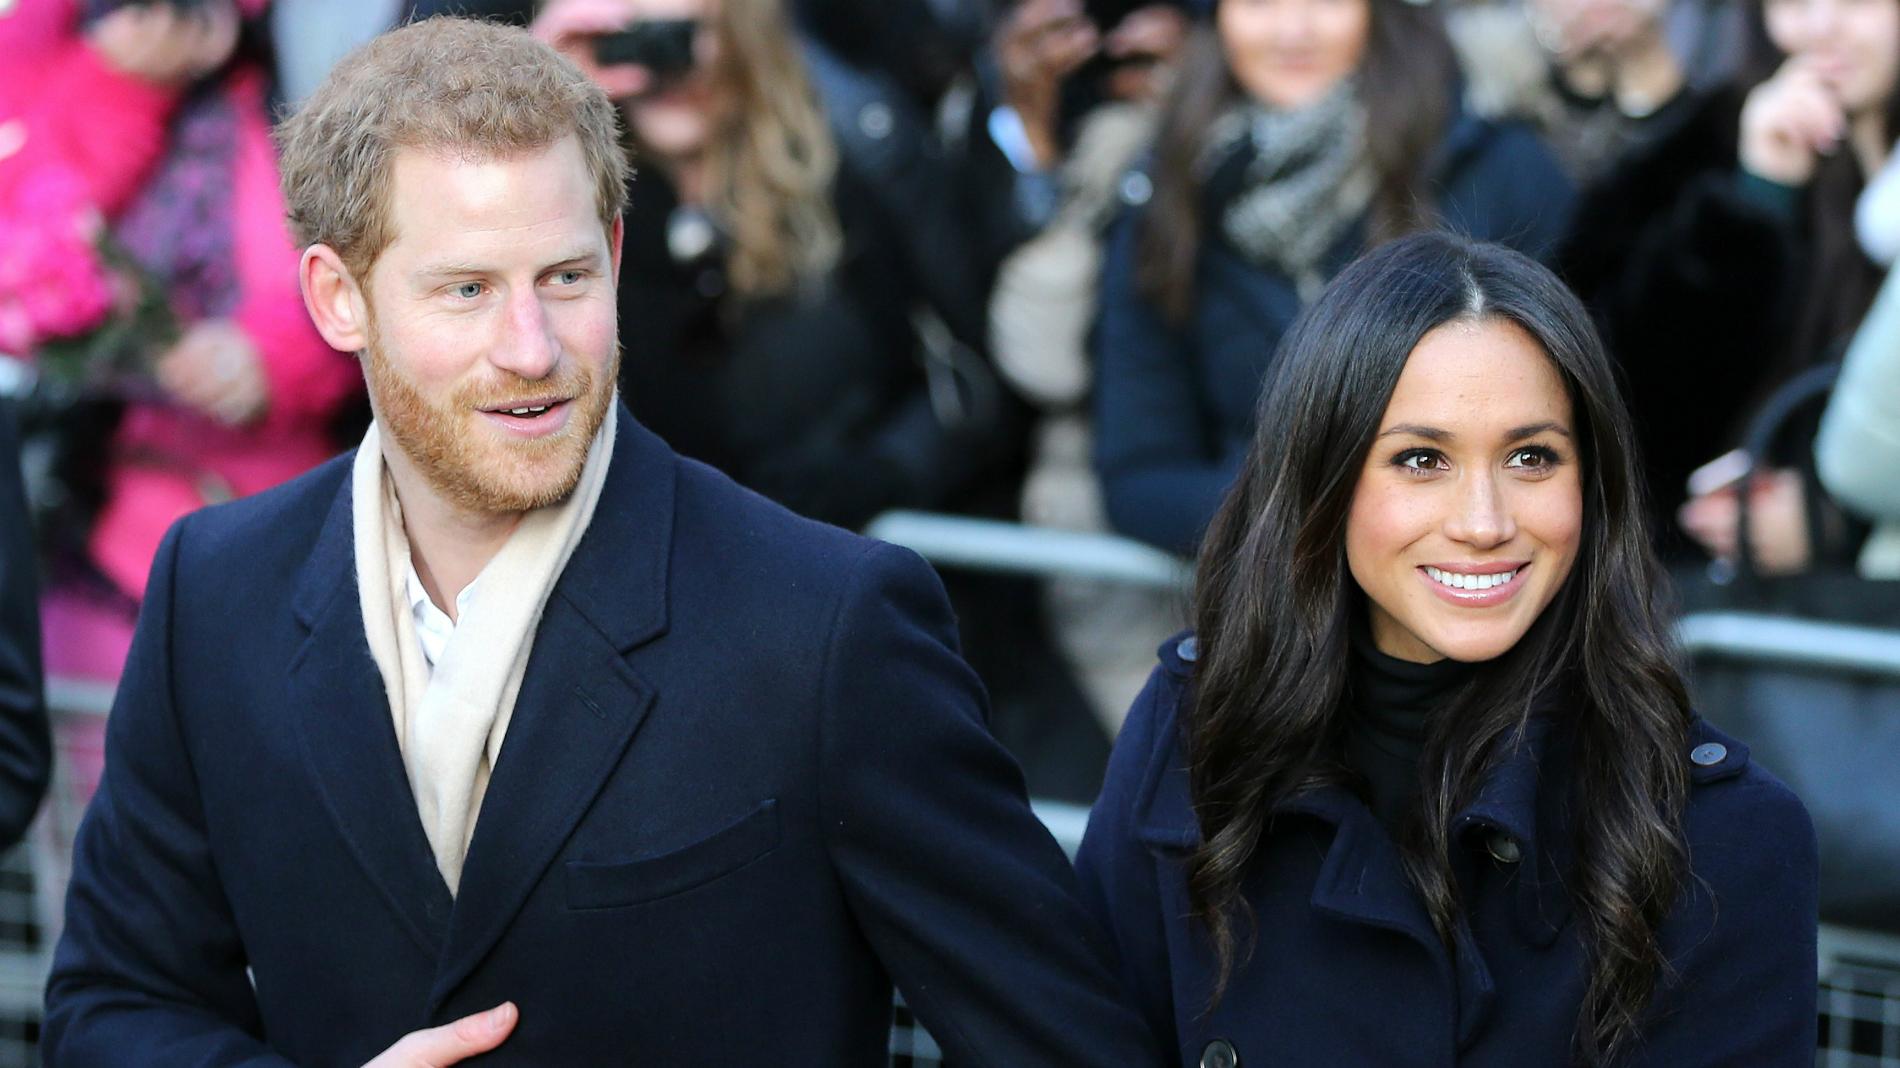 El Comunicado De Enrique Y Meghan Sorprende A La Familia Real Británica